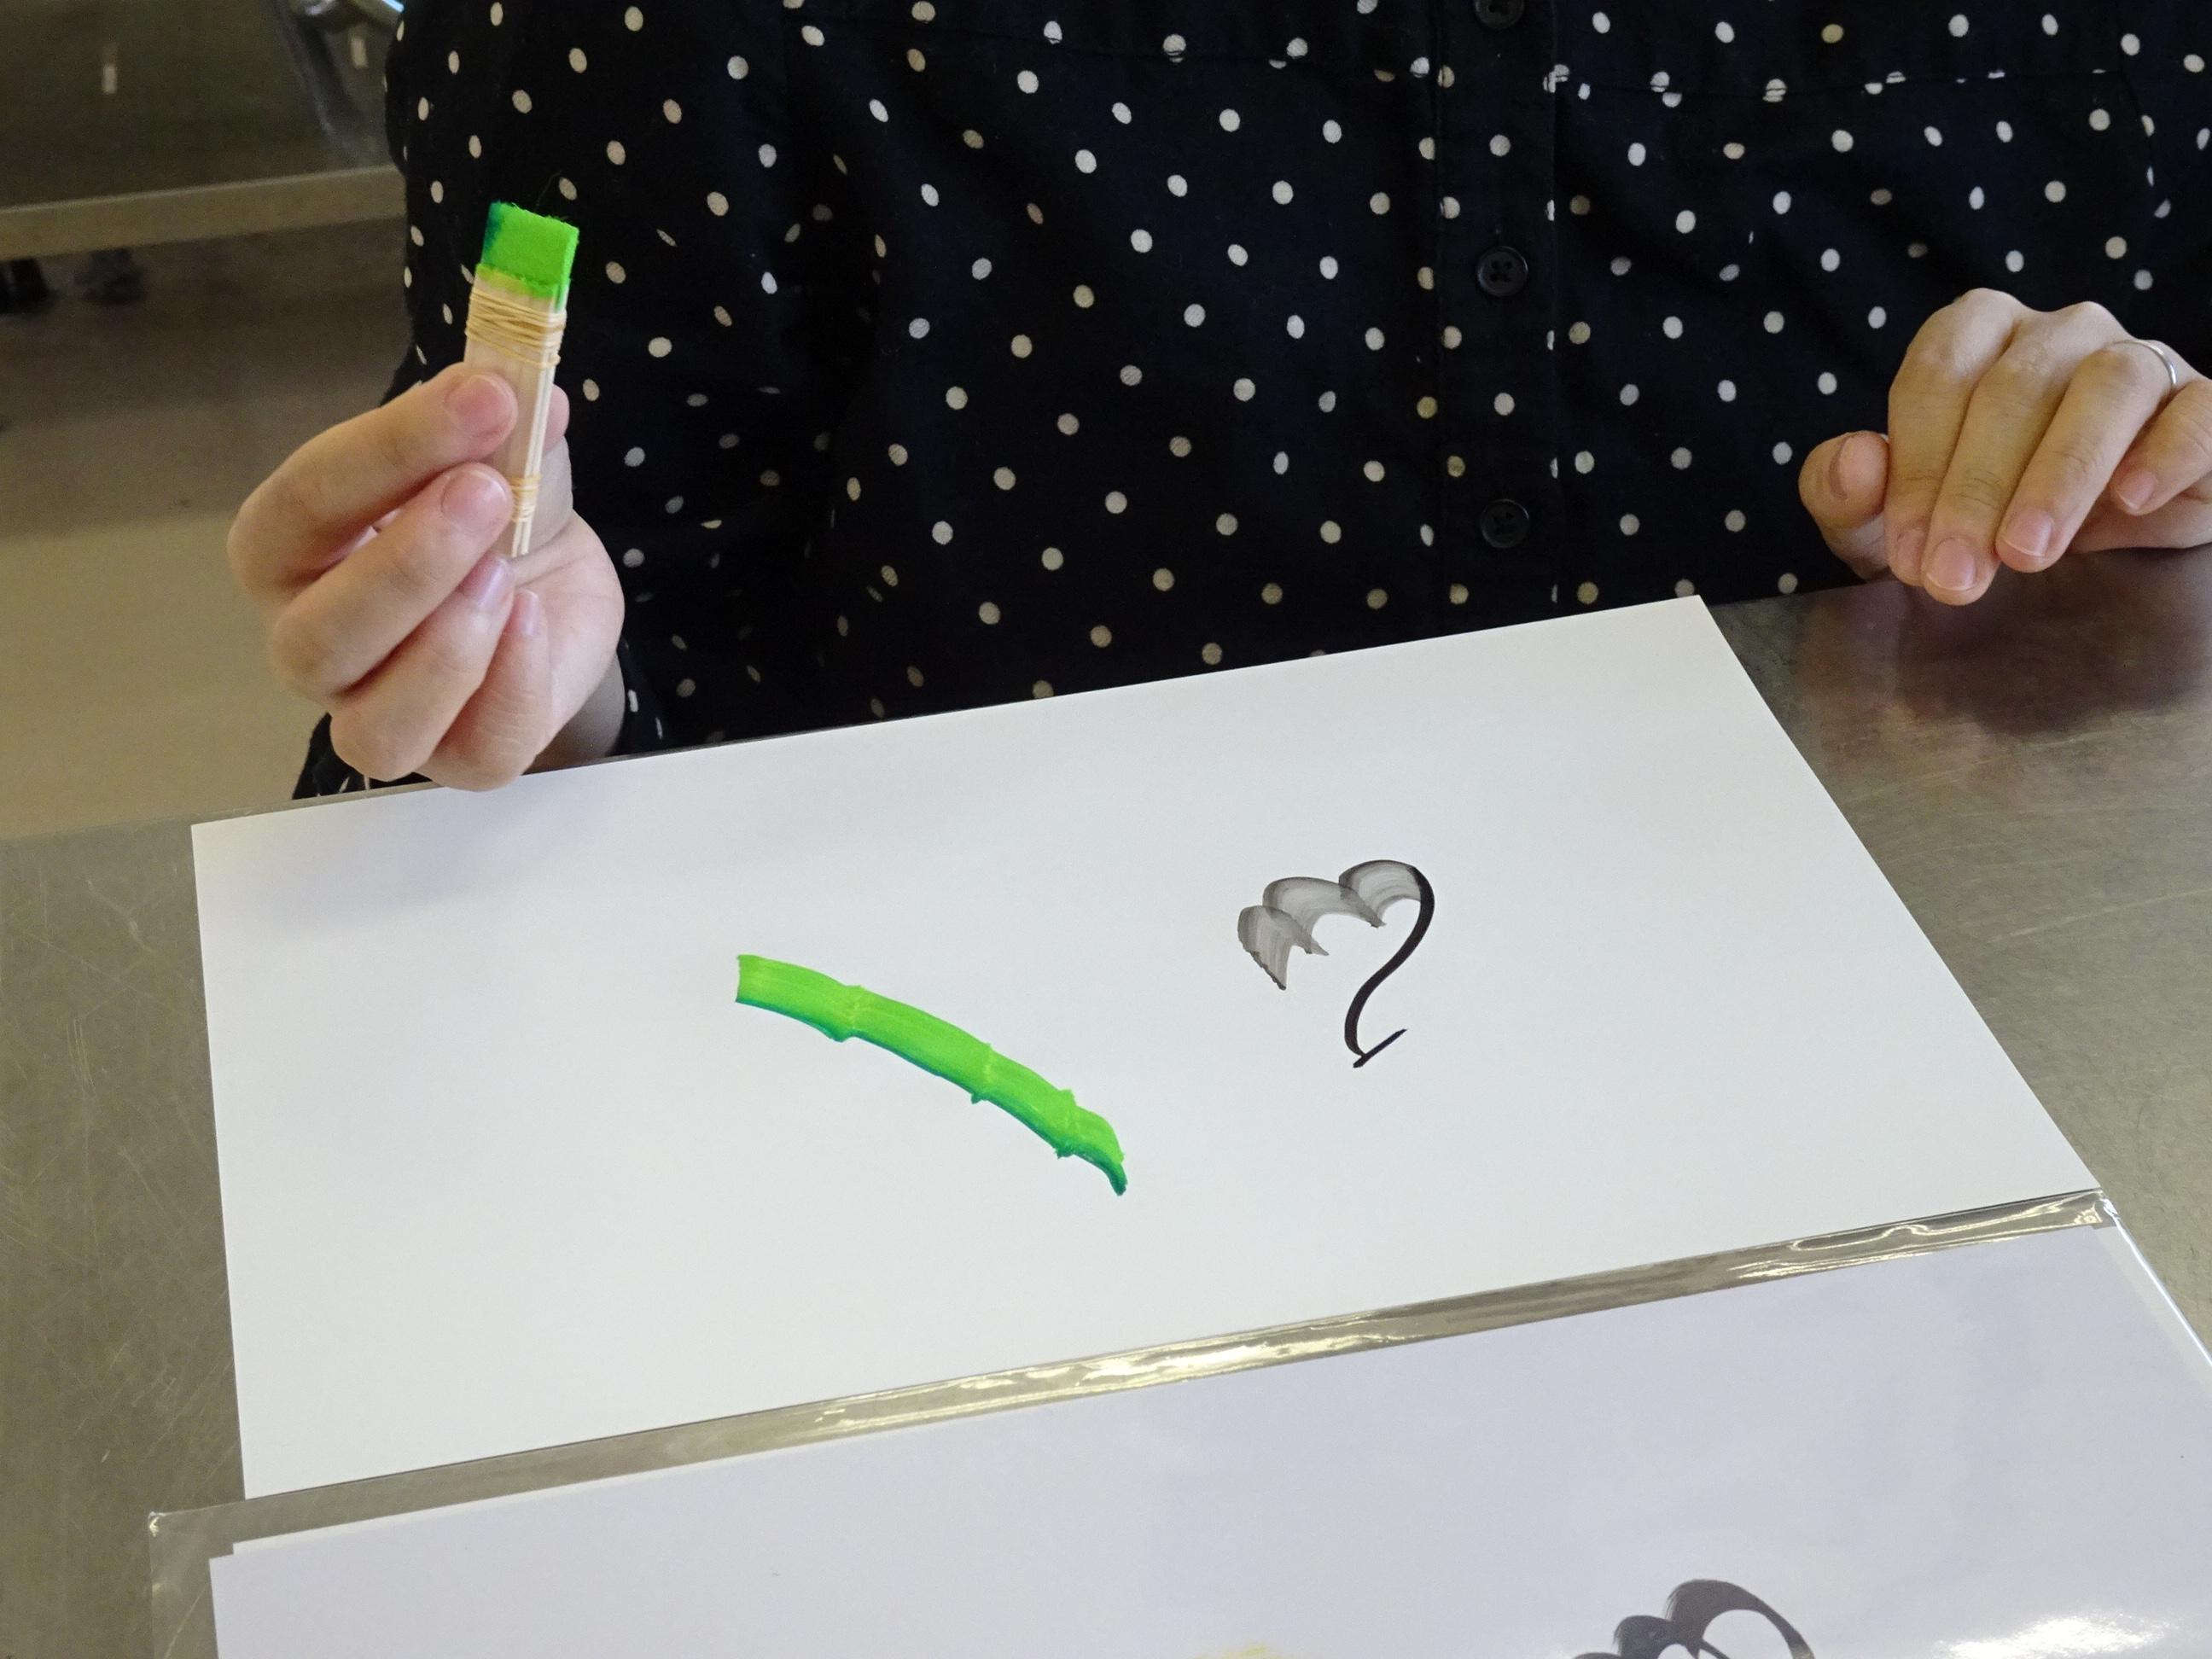 福岡・花文字・花文字アート体験会干支を描く「戌」